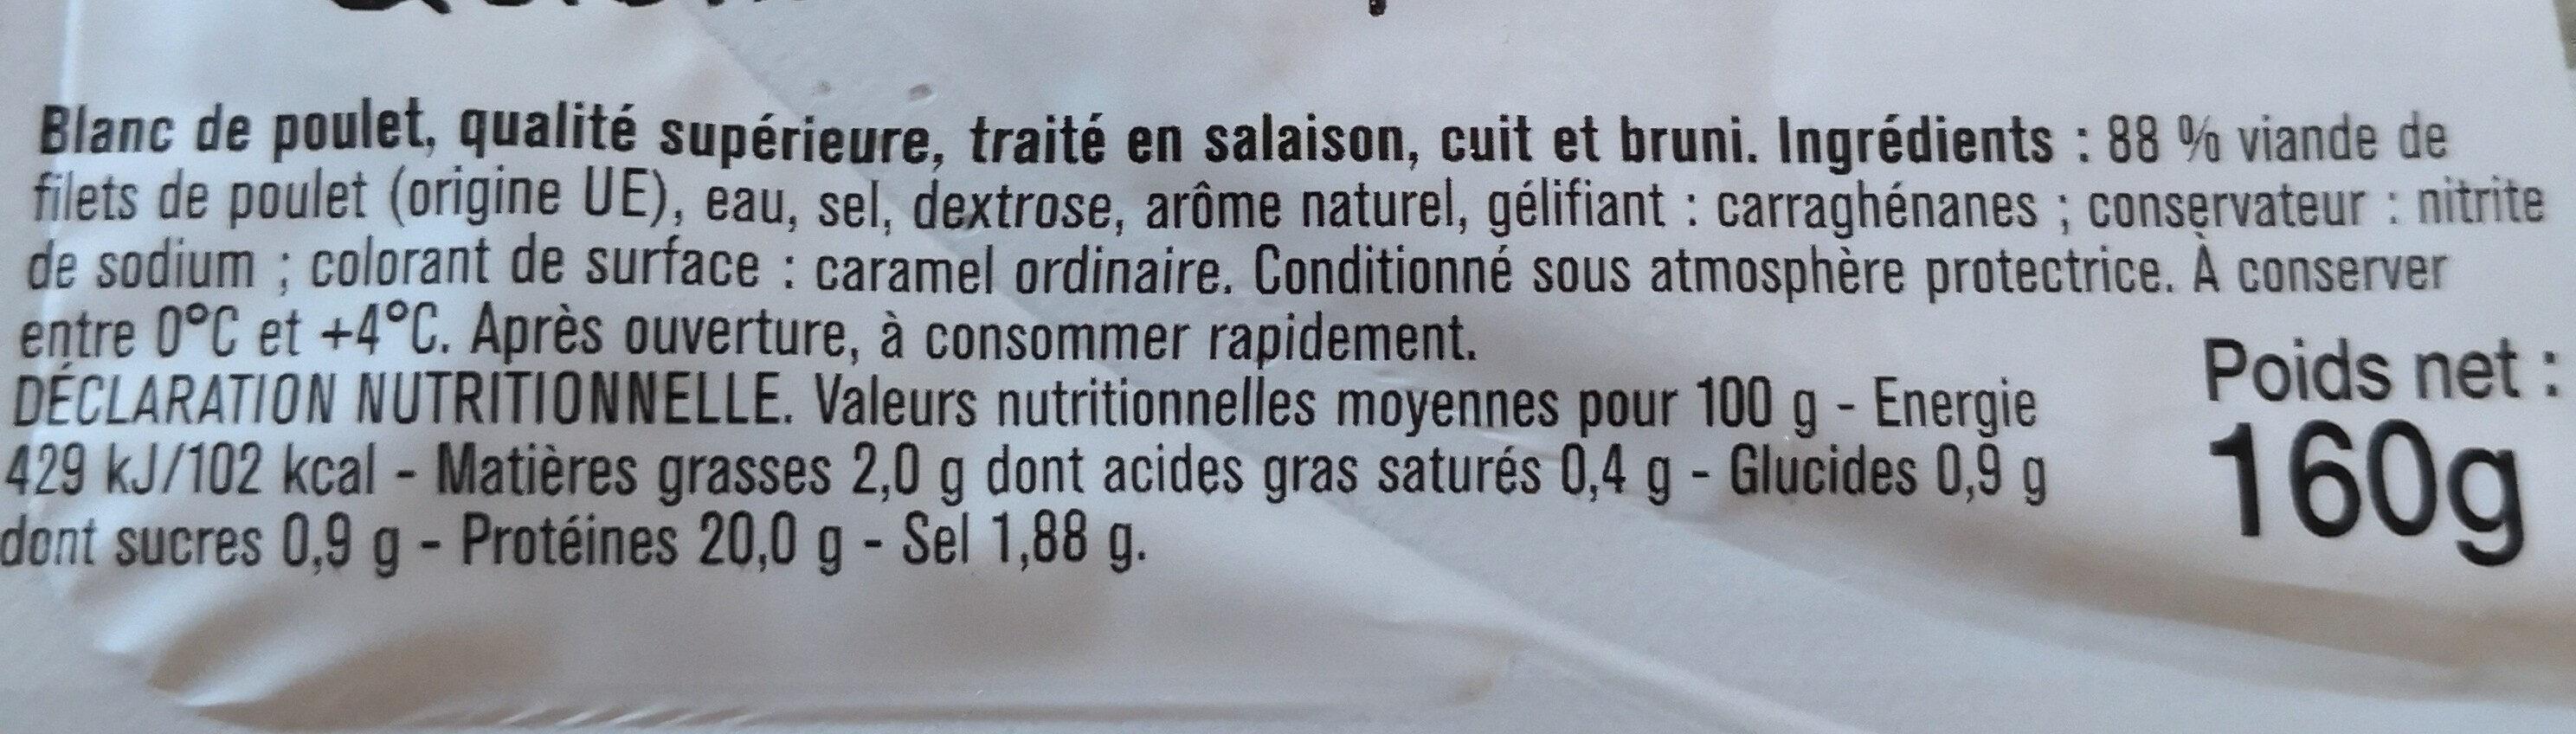 blanc de poulet - Ingredients